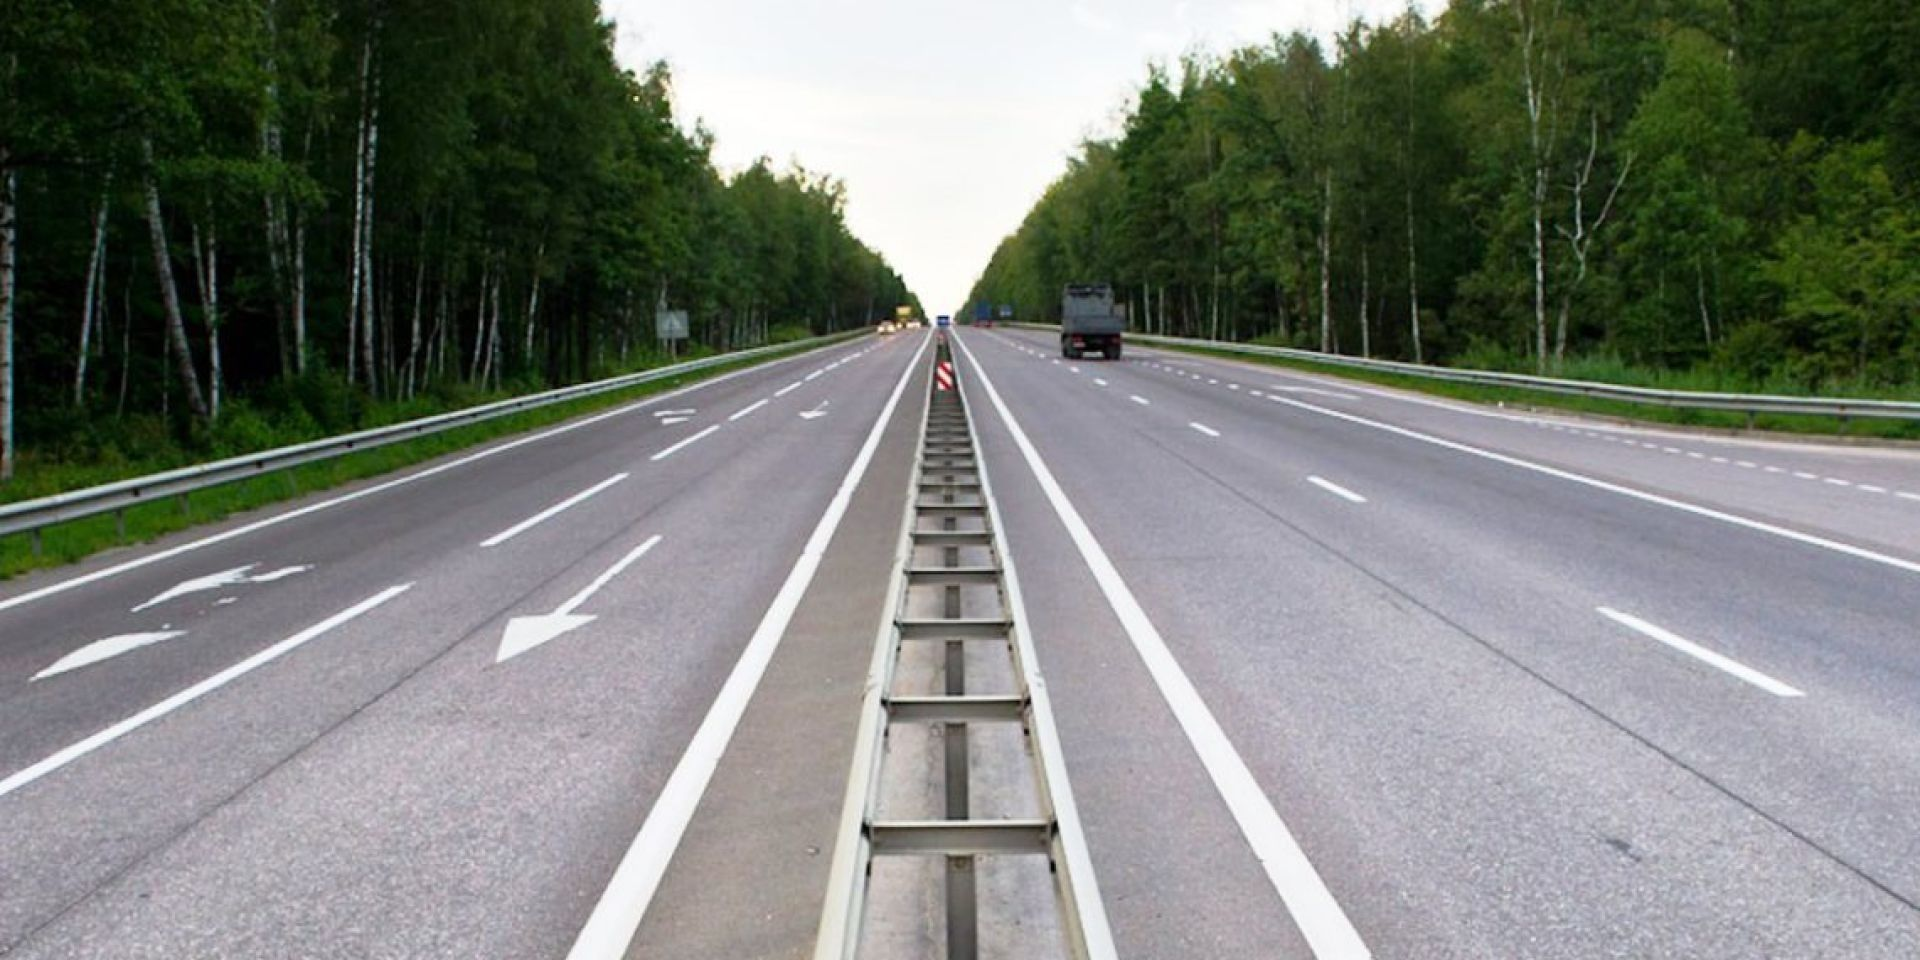 У листопаді на дорогах України з'являться нові обмежувачі швидкості